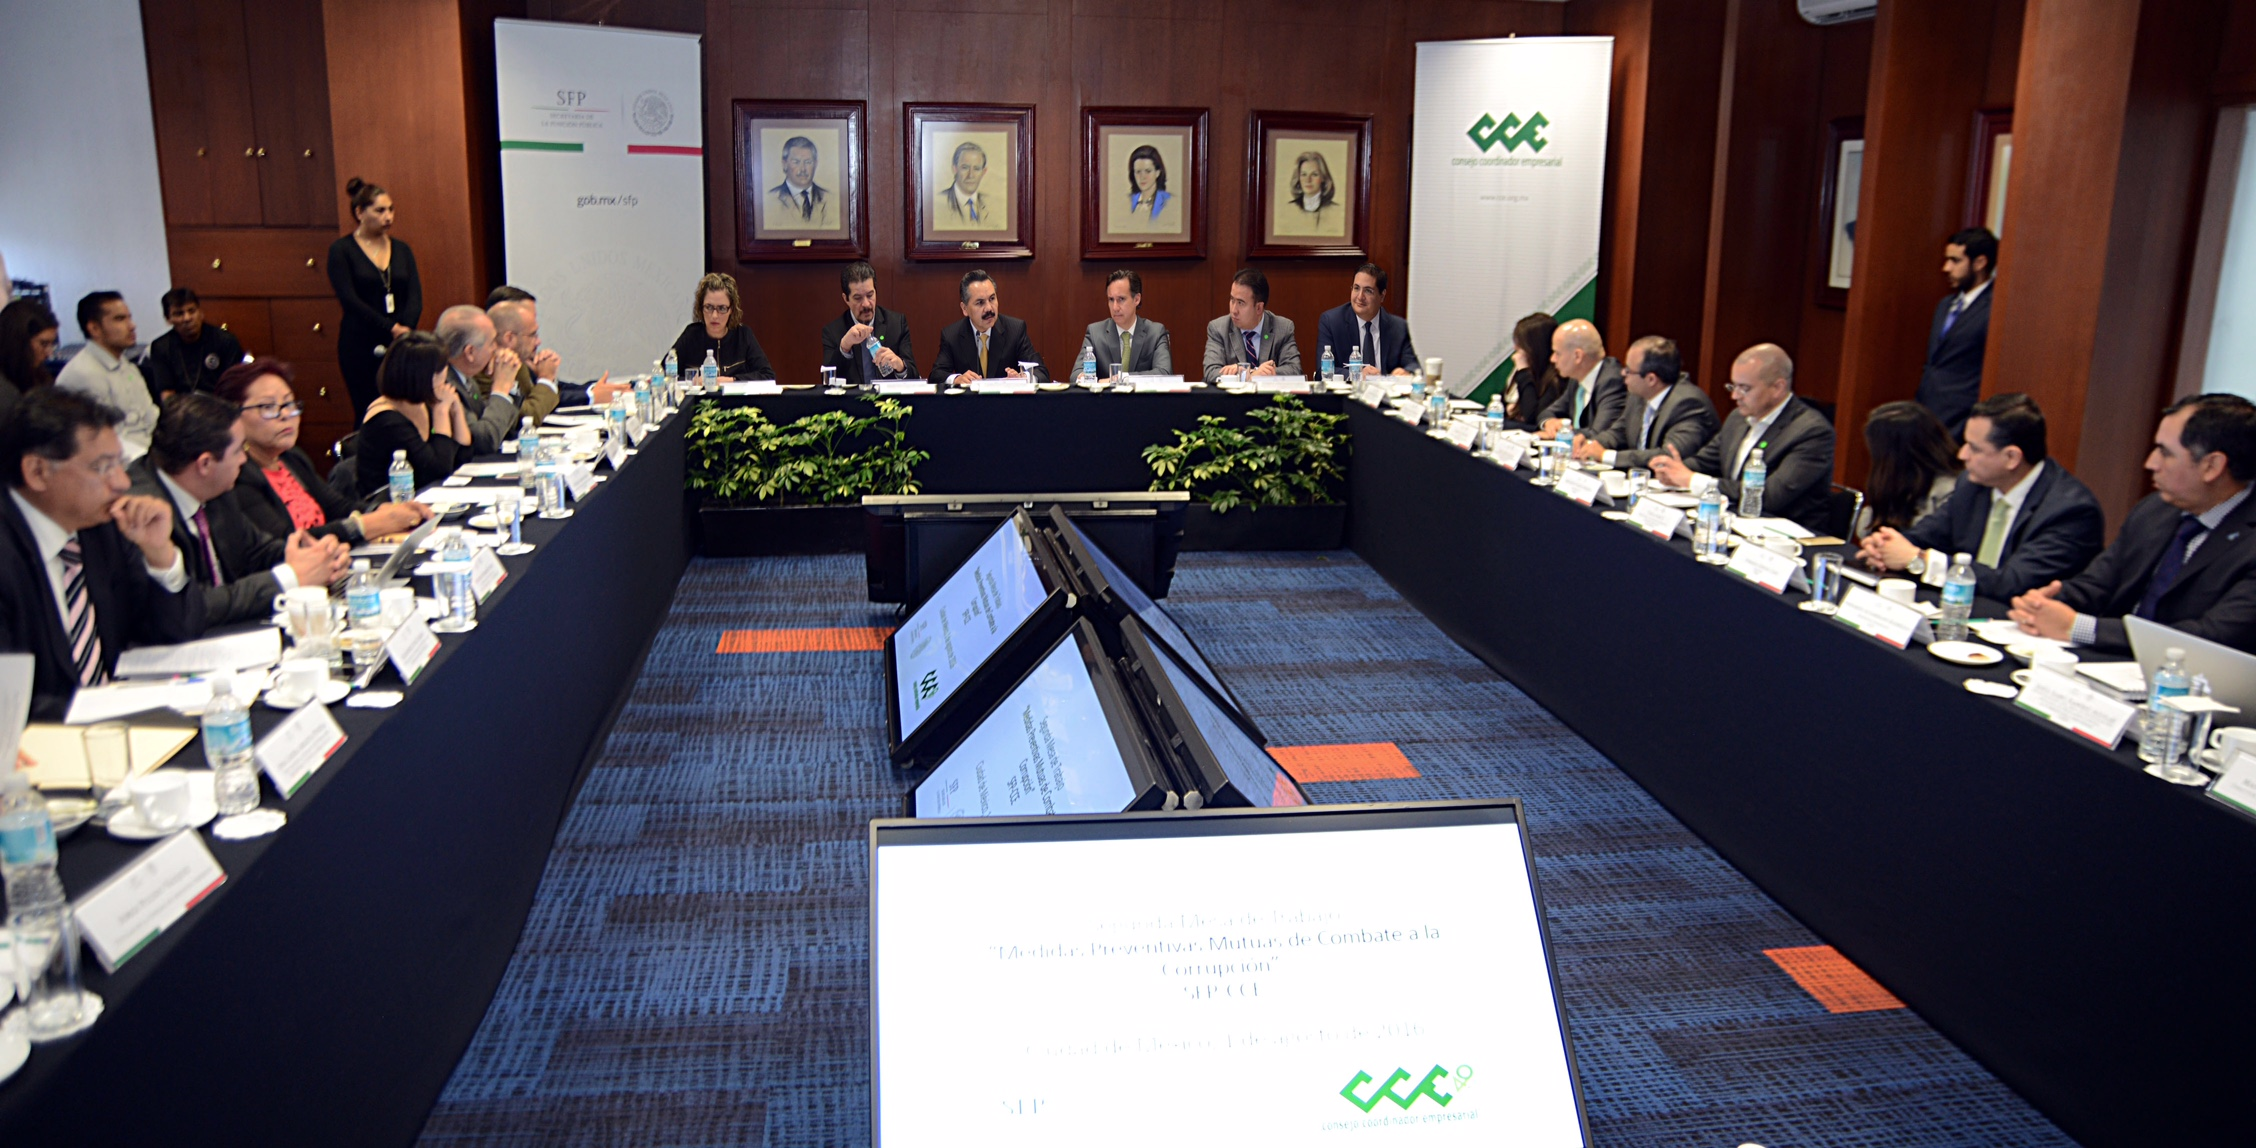 SFP y CCE acuerdan medidas para prevenir la corrupción y promover la participación ciudadana